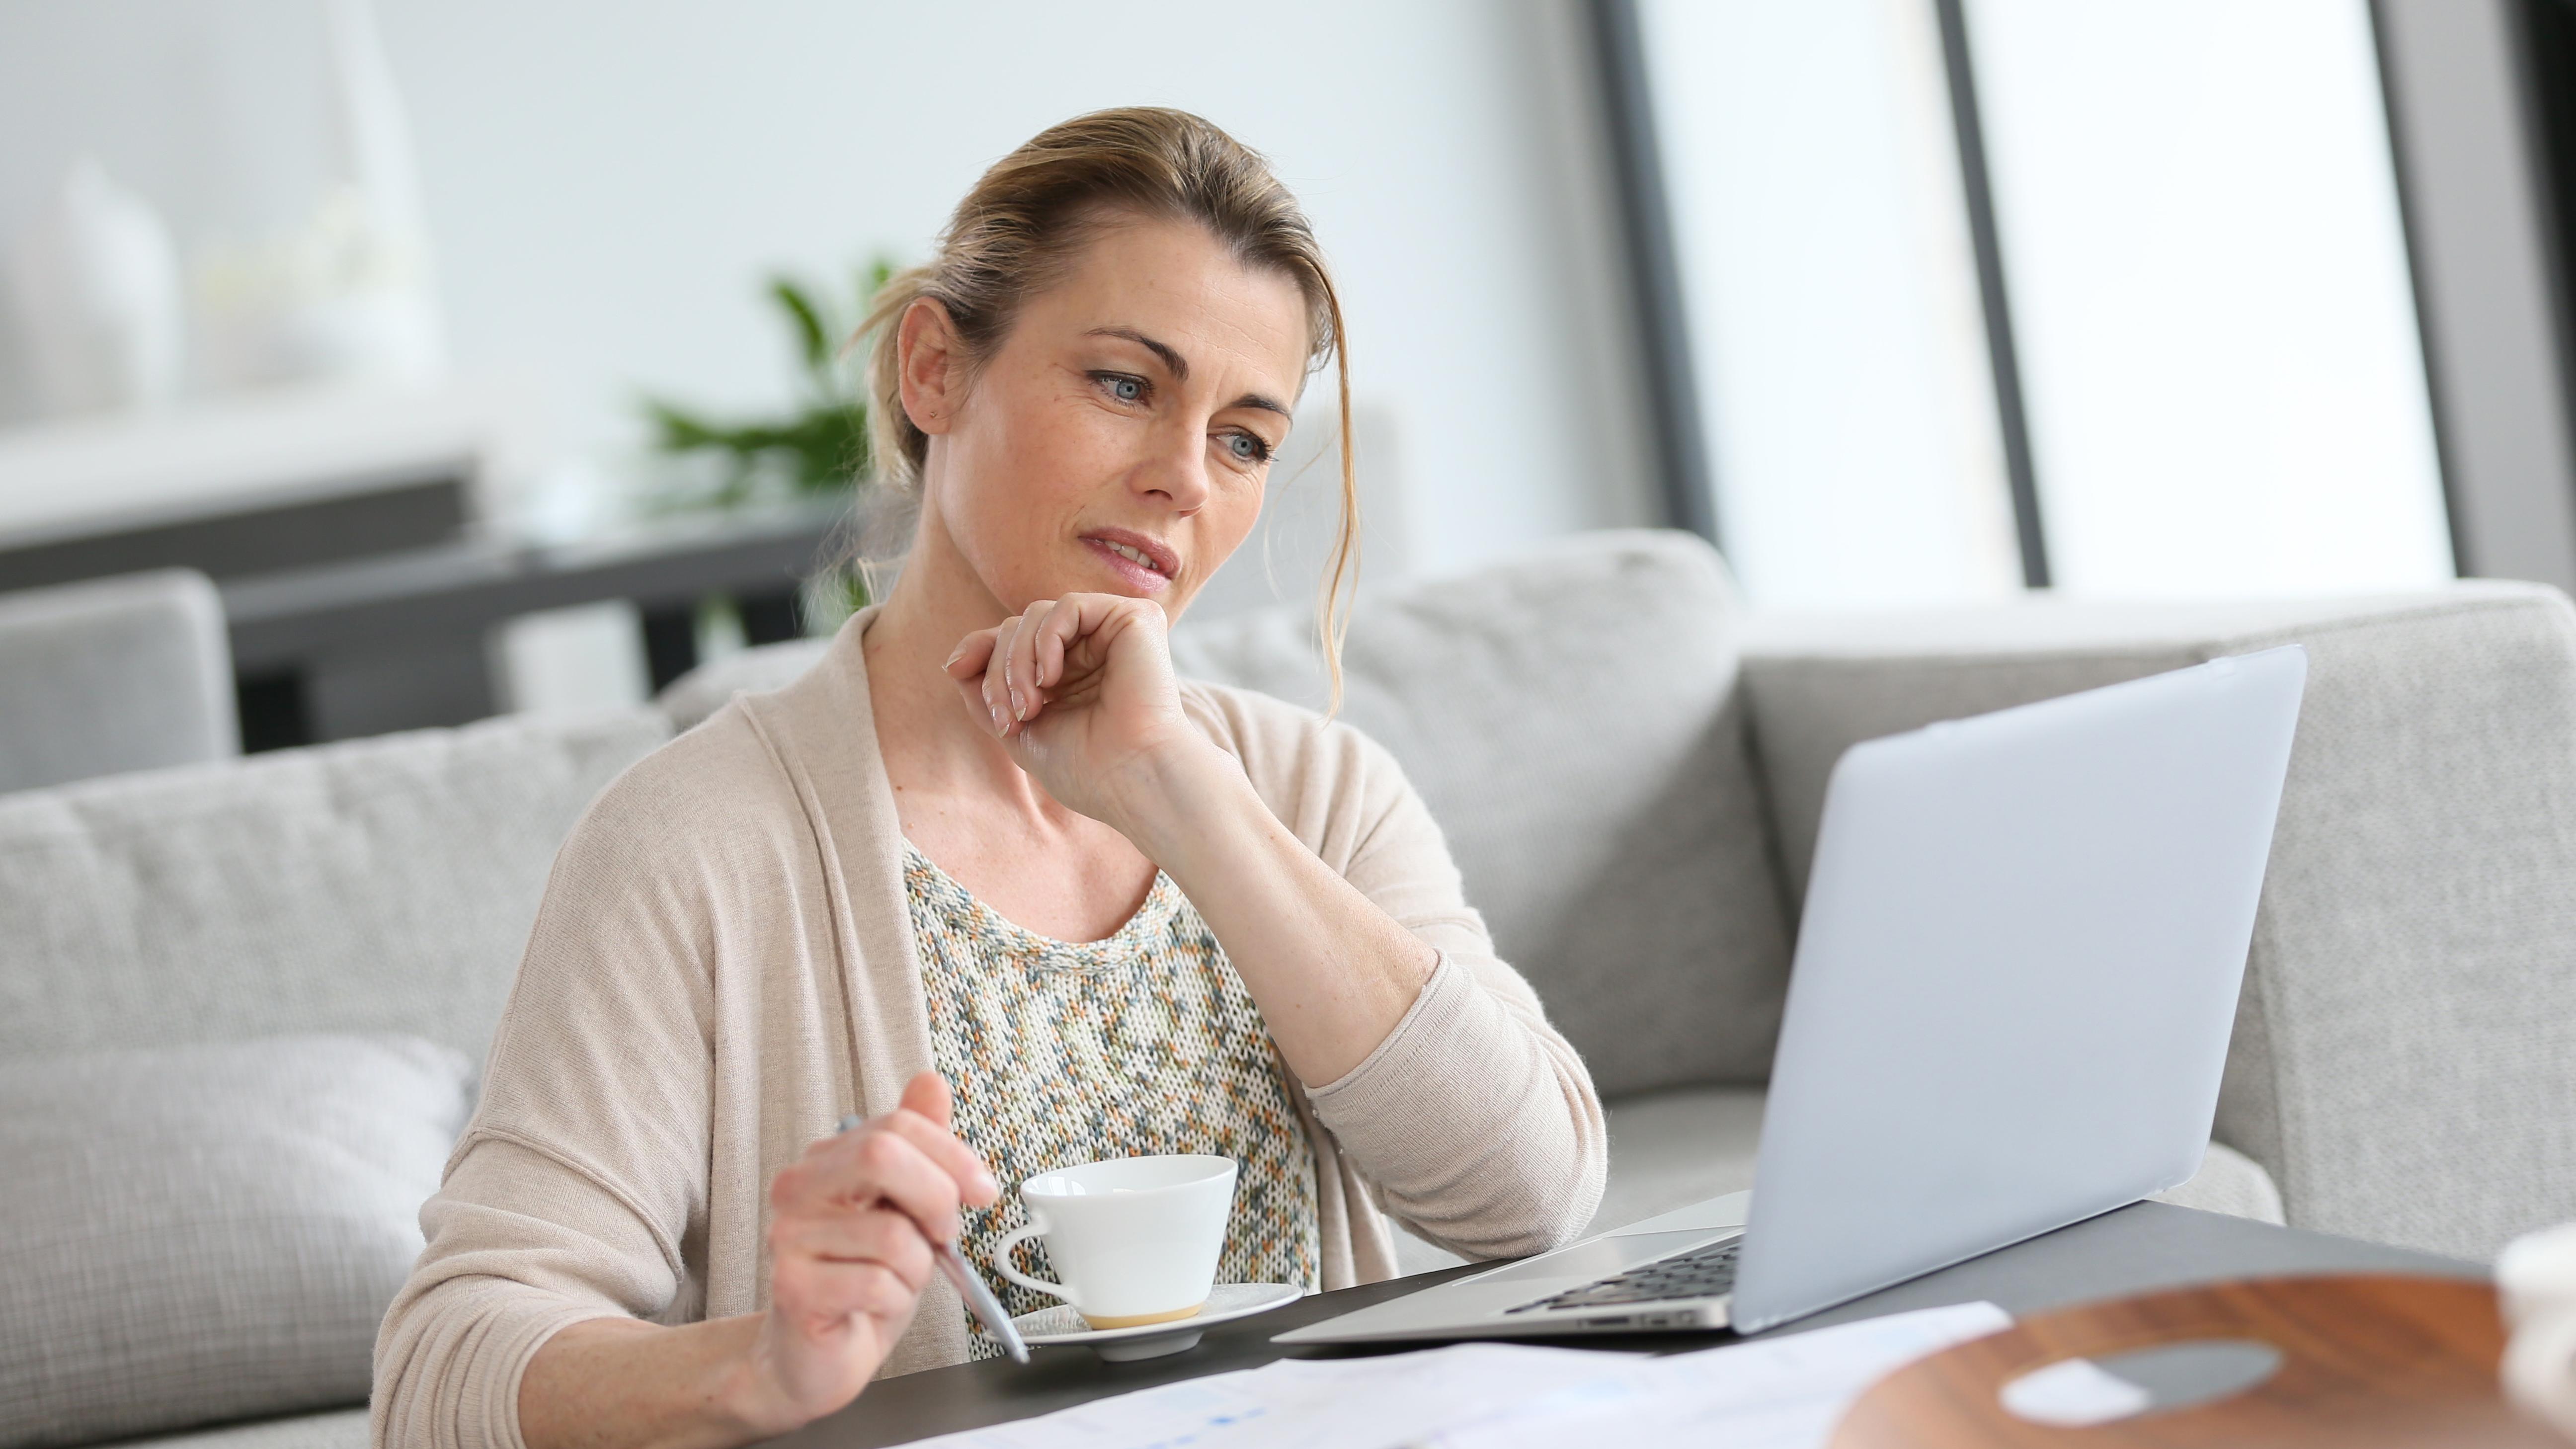 Umschulung mit 50: Tipps für die berufliche Neuorientierung